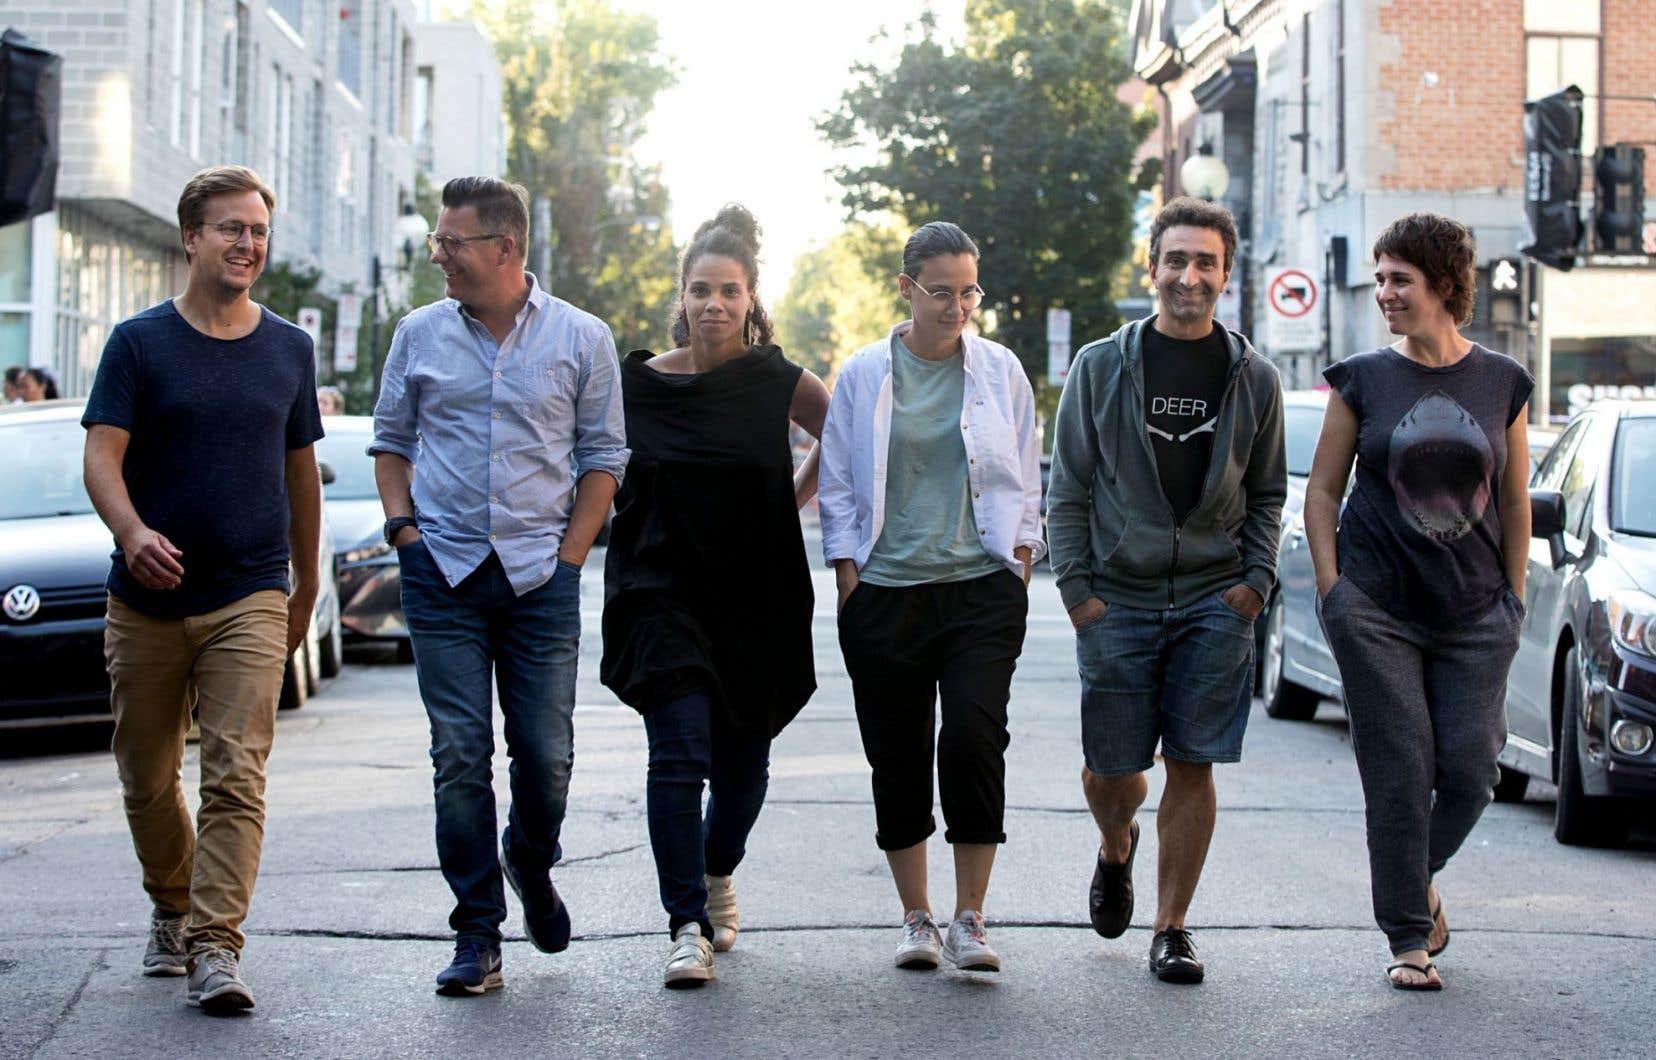 Les six metteurs en scène de cette folle et ambitieuse aventure: Jean-Simon Traversy, Dave Jenniss, Mélanie Demers, Chloé Robichaud, Bachir Bensaddek et Nini Bélanger